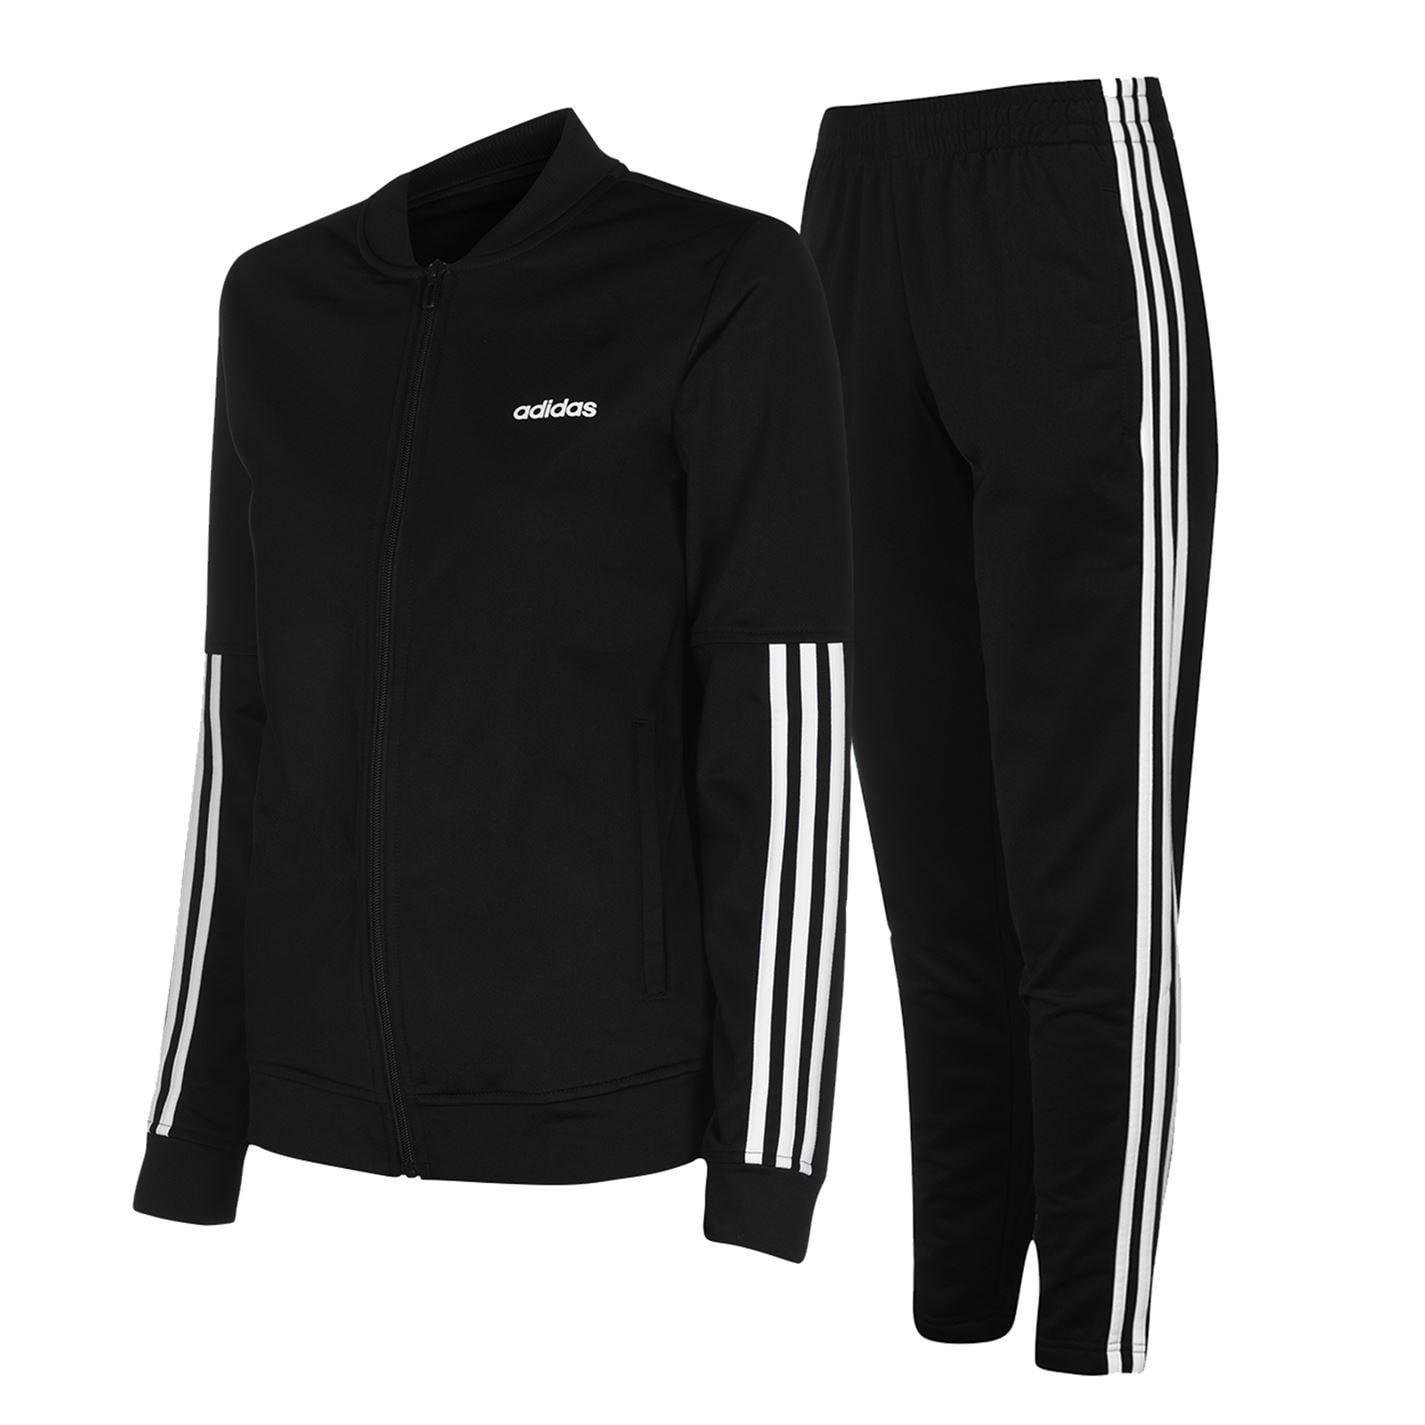 techo tienda Sentirse mal  Női melegítő együttes Adidas Back 2 Basics